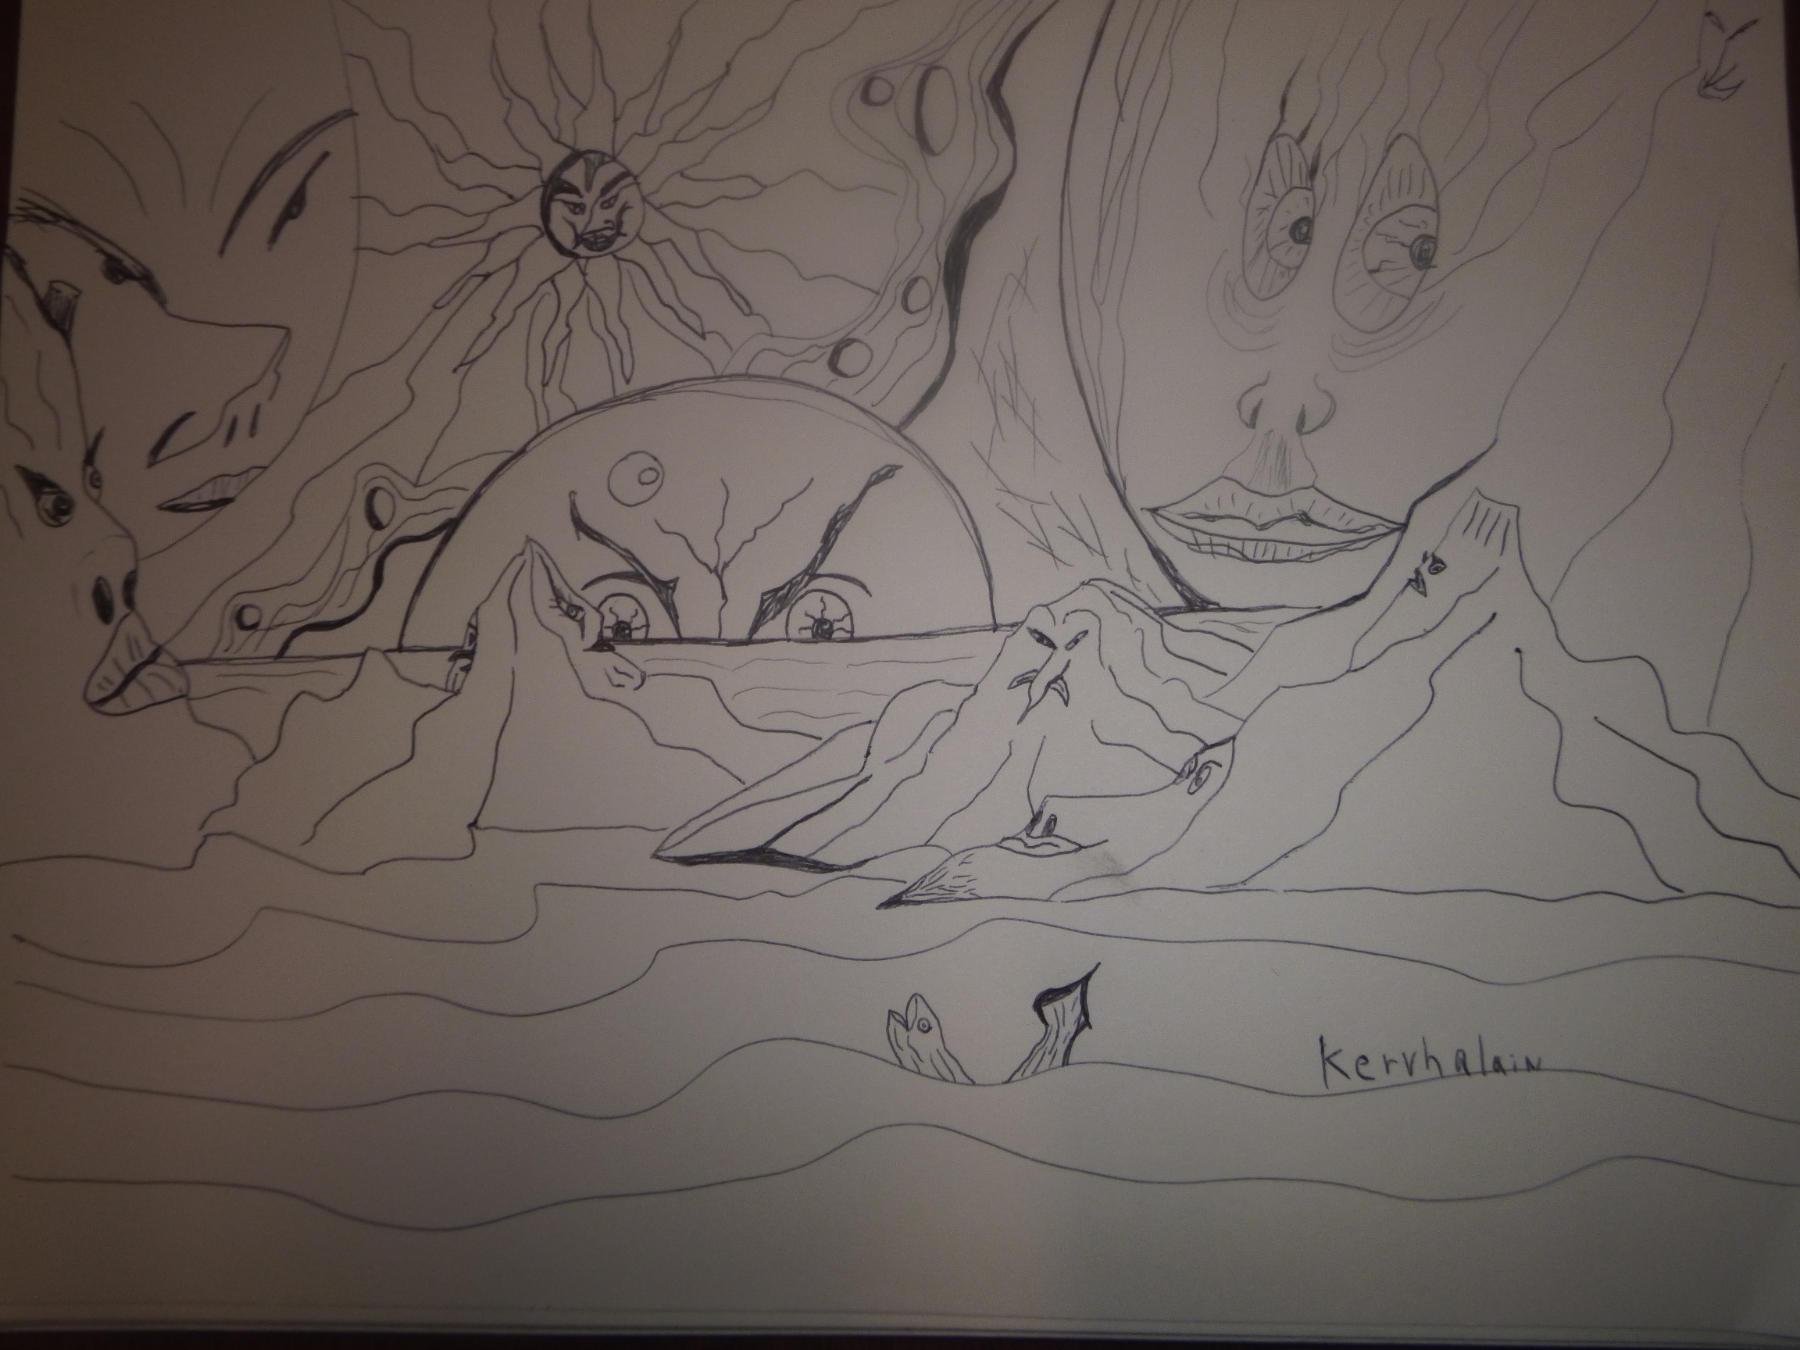 """<span style=""""color: #ff0000;""""><a style=""""color: #ff0000;"""" href=""""mailto:johorse.danielssen@gmail.com?subject=Défi 15 dessins 15 semaines - Visages Cosmiques"""">Contacter l'artiste</a></span> Daniel Joyal - Visages Cosmiques - 70$ (transaction directement avec l'artiste) - crayon à l'encre noir sur papier à dessin (Canson) - 9 x 12 po"""